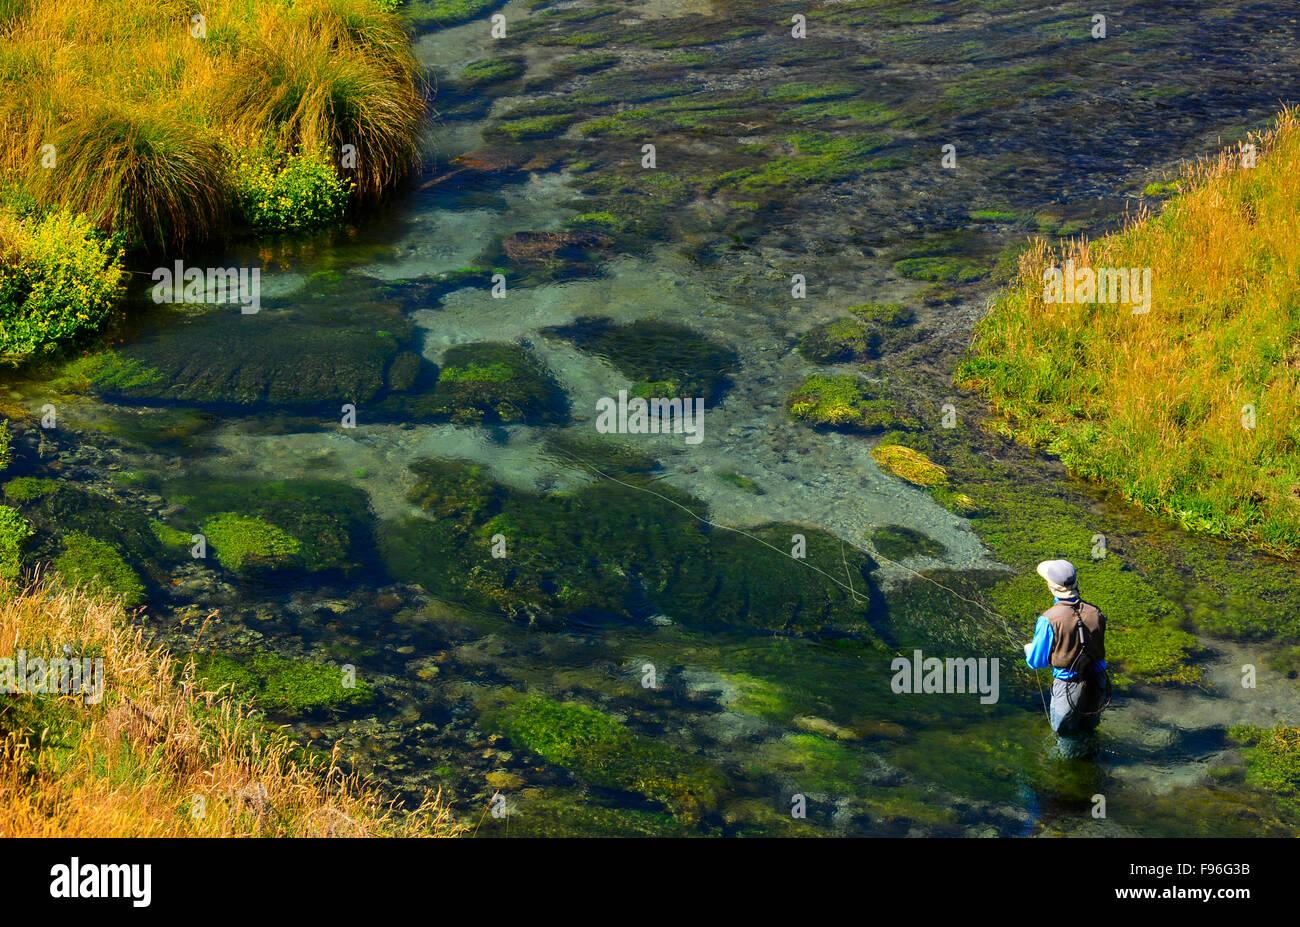 Hombre, la pesca con mosca en un río en Nueva Zelandia, Spring Creek Imagen De Stock